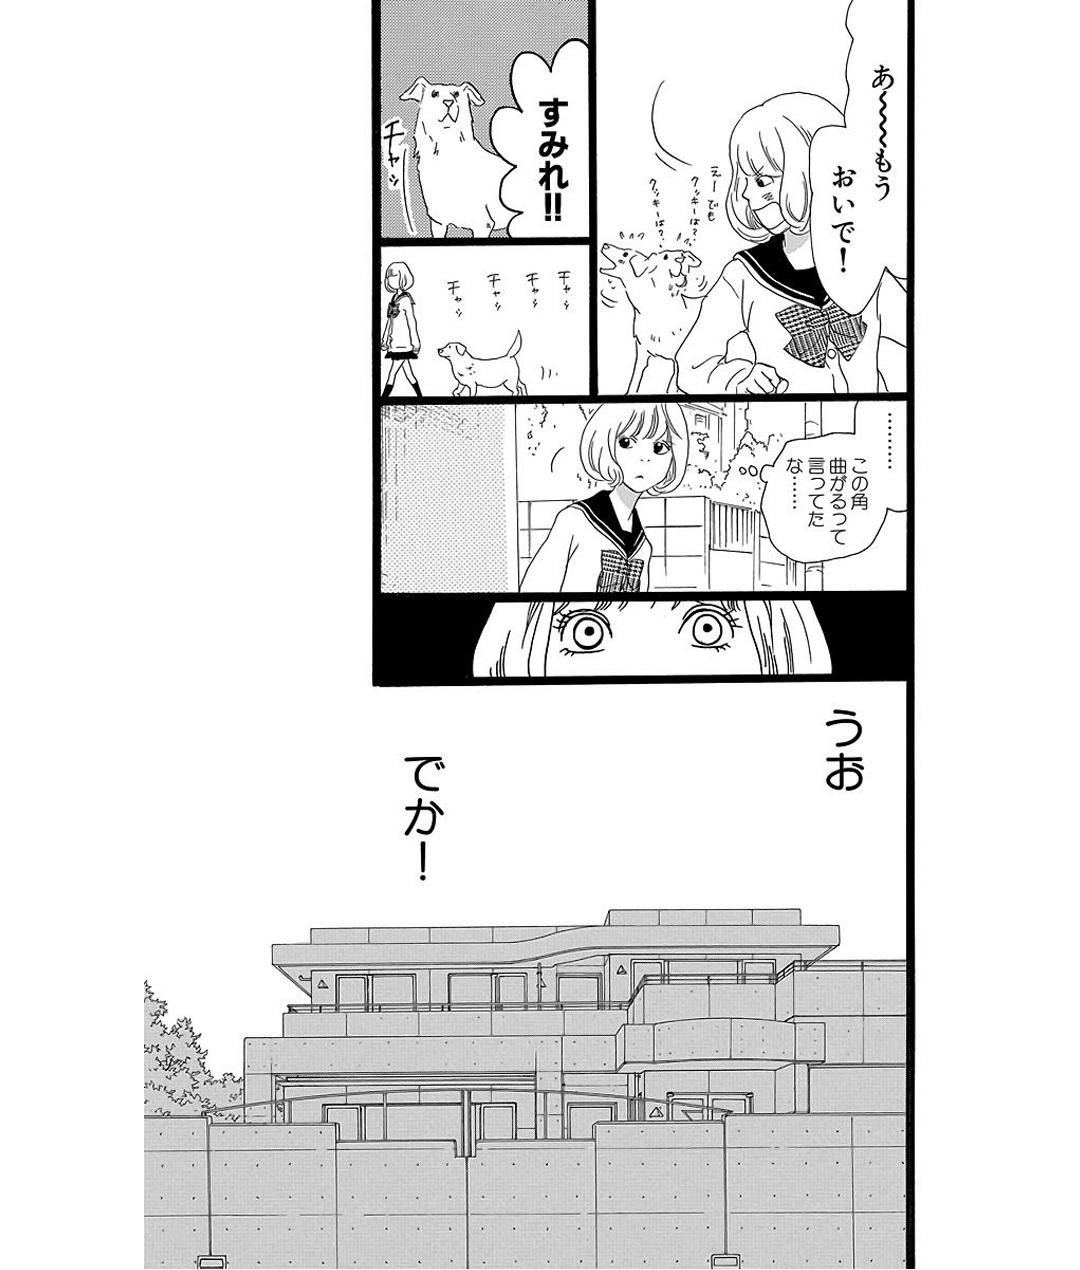 プリンシパル 第1話 試し読み_1_1-39